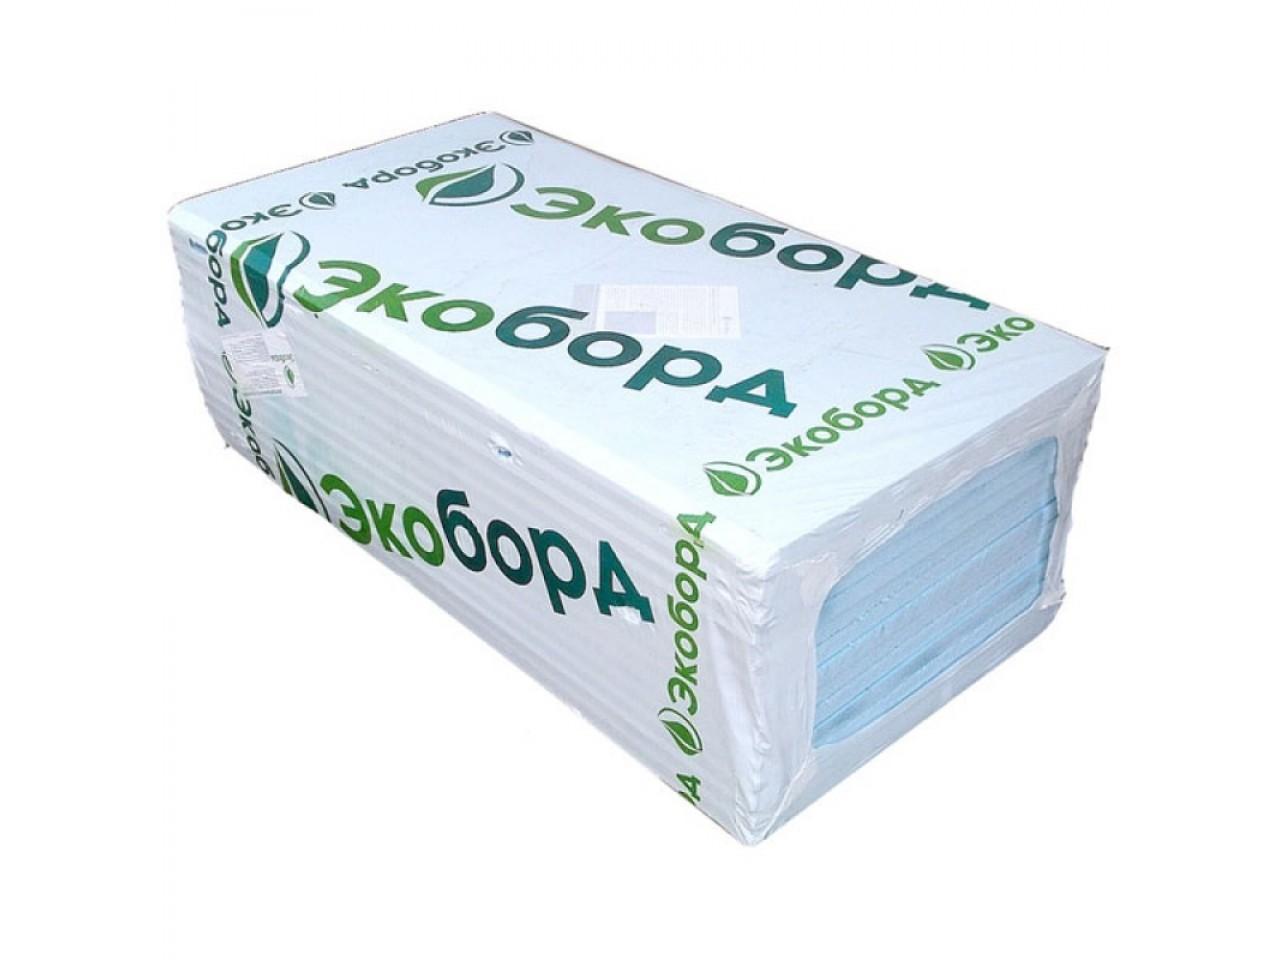 Пенополистирол Экоборд 1200x600x20